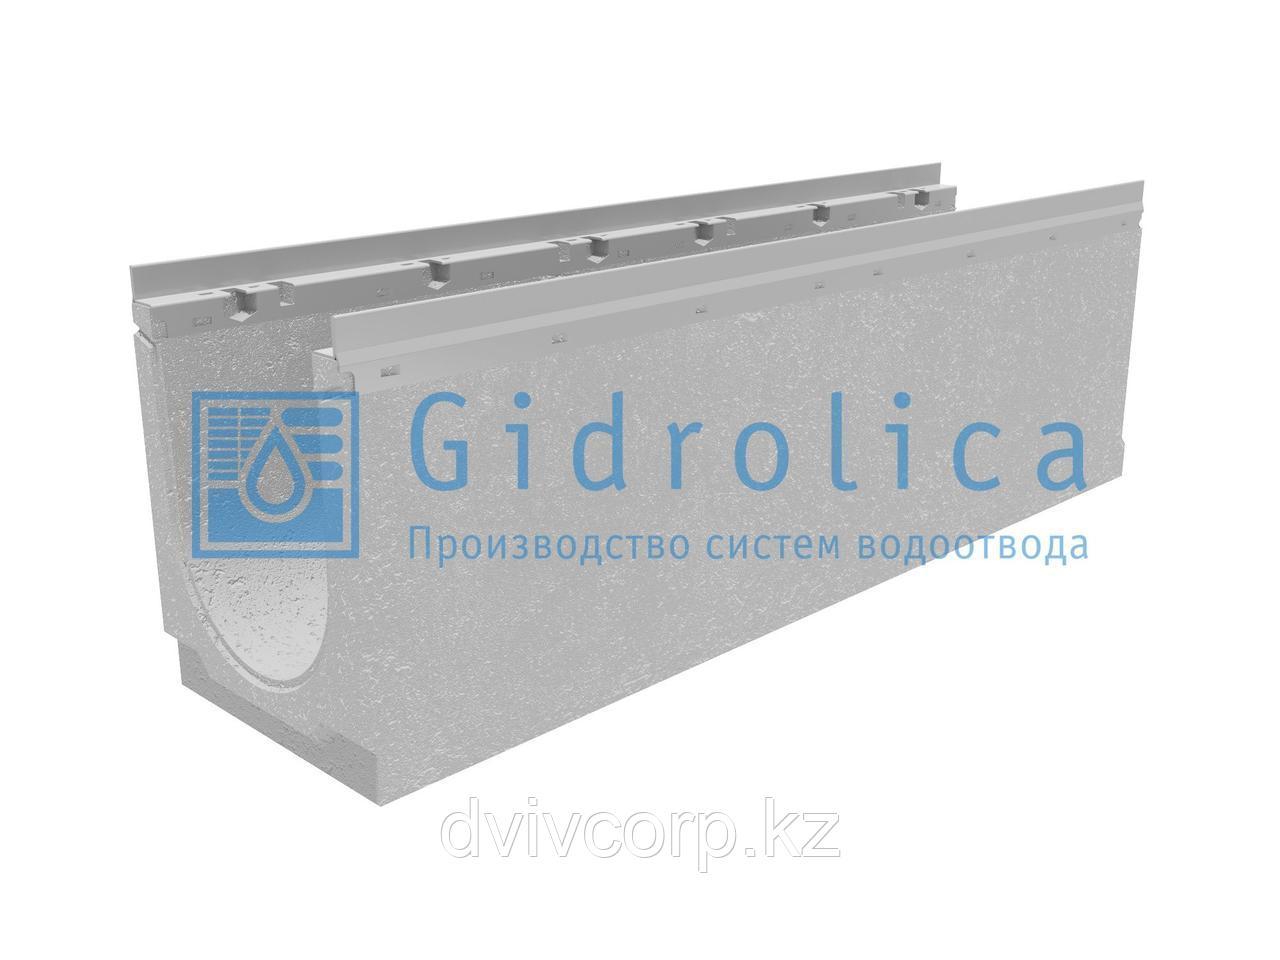 Лоток водоотводный бетонный коробчатый (СО 200 мм), с оцинкованной насадкой, с уклоном 0,5% КUу 100.26,3